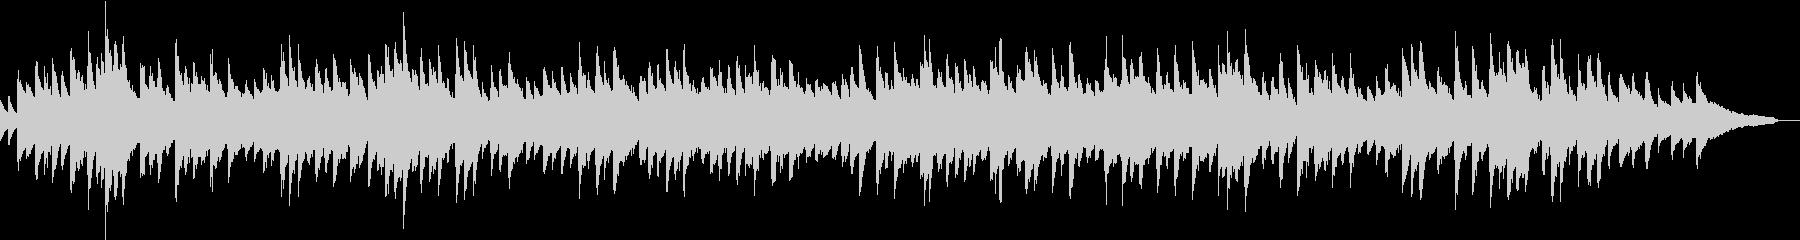 和風のピアノソロの未再生の波形